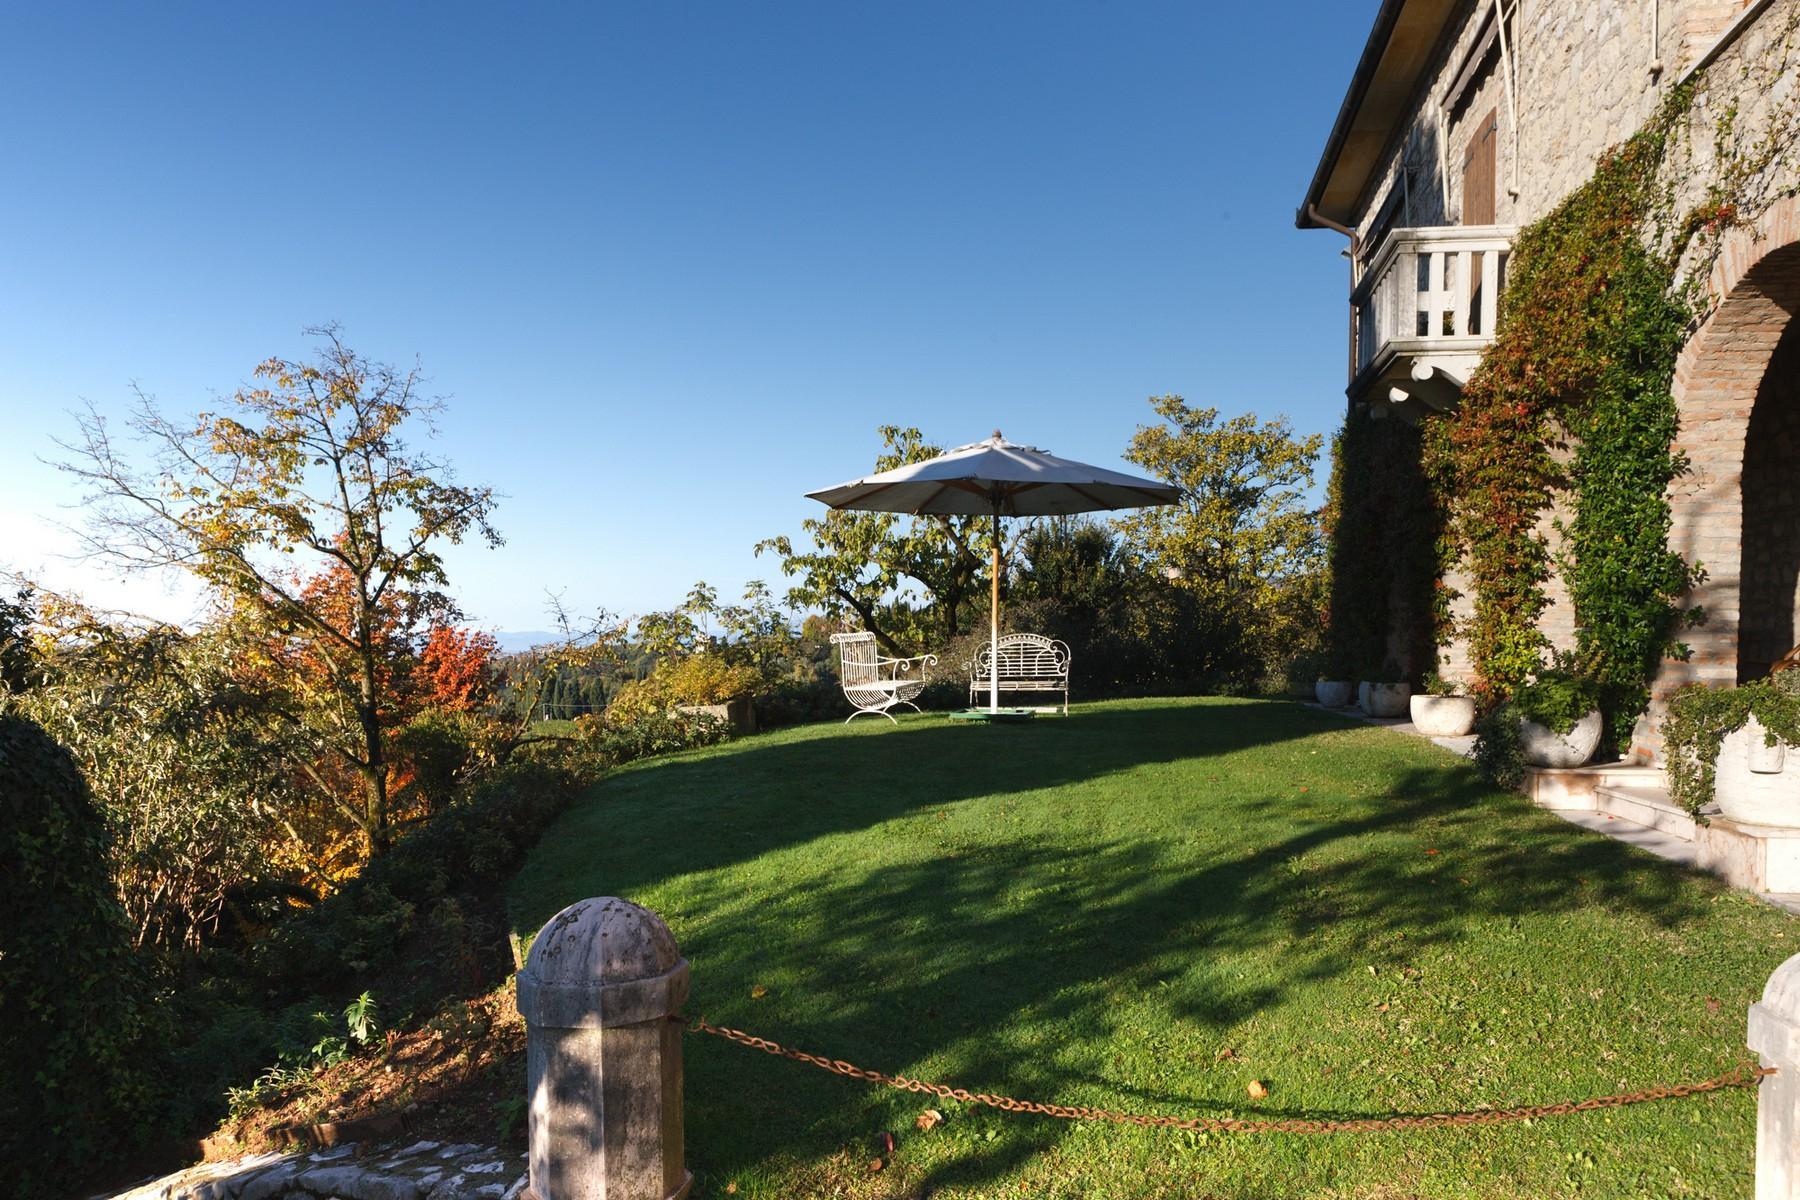 Spettacolare villa con piscina con vista totale sui colli asolani - 15